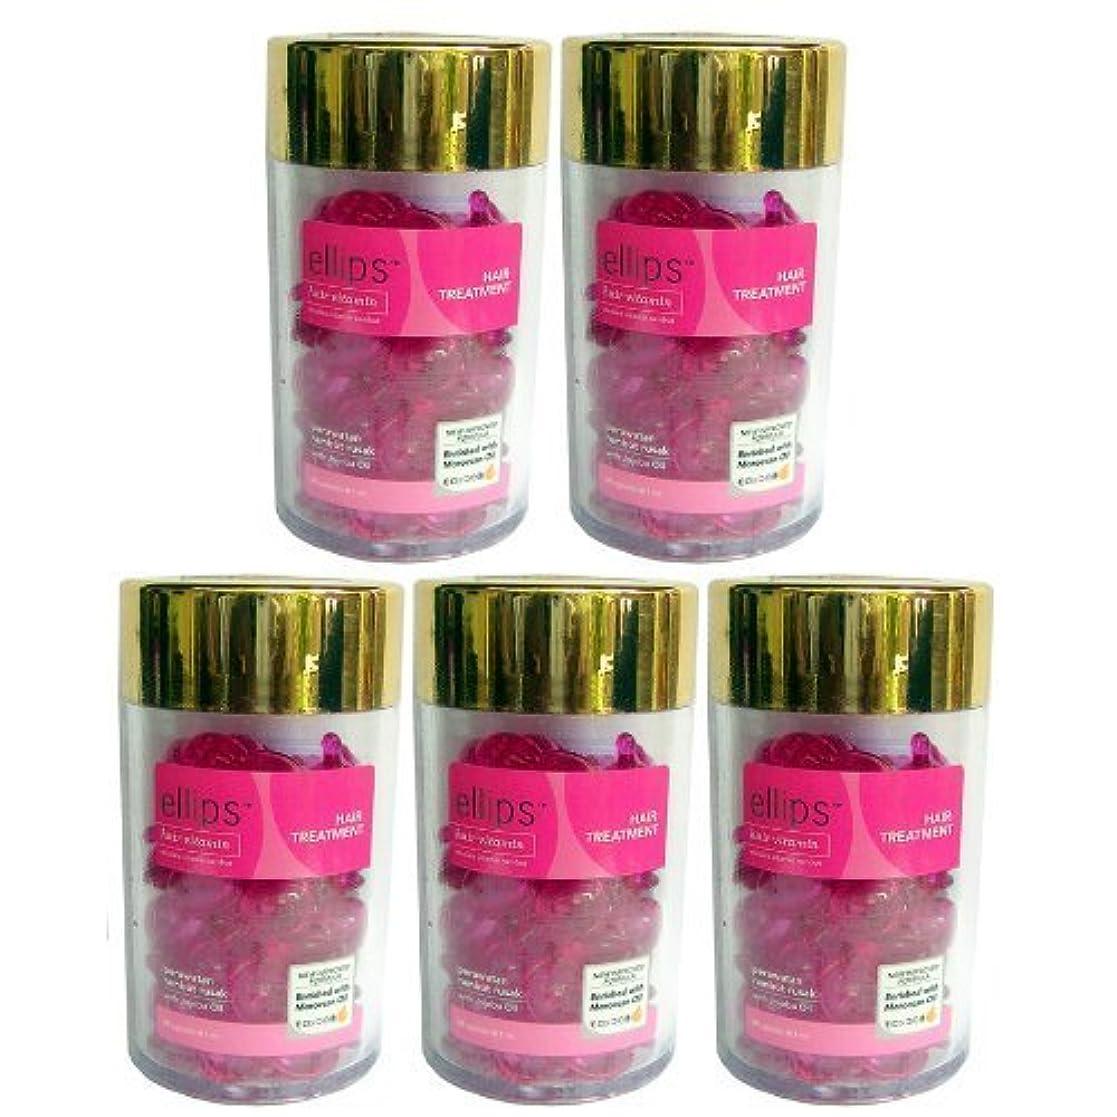 マウントバンク比べる特にエリップス ellips ヘアビタミン洗い流さないヘアトリートメント(並行輸入品) (ピンク5本)